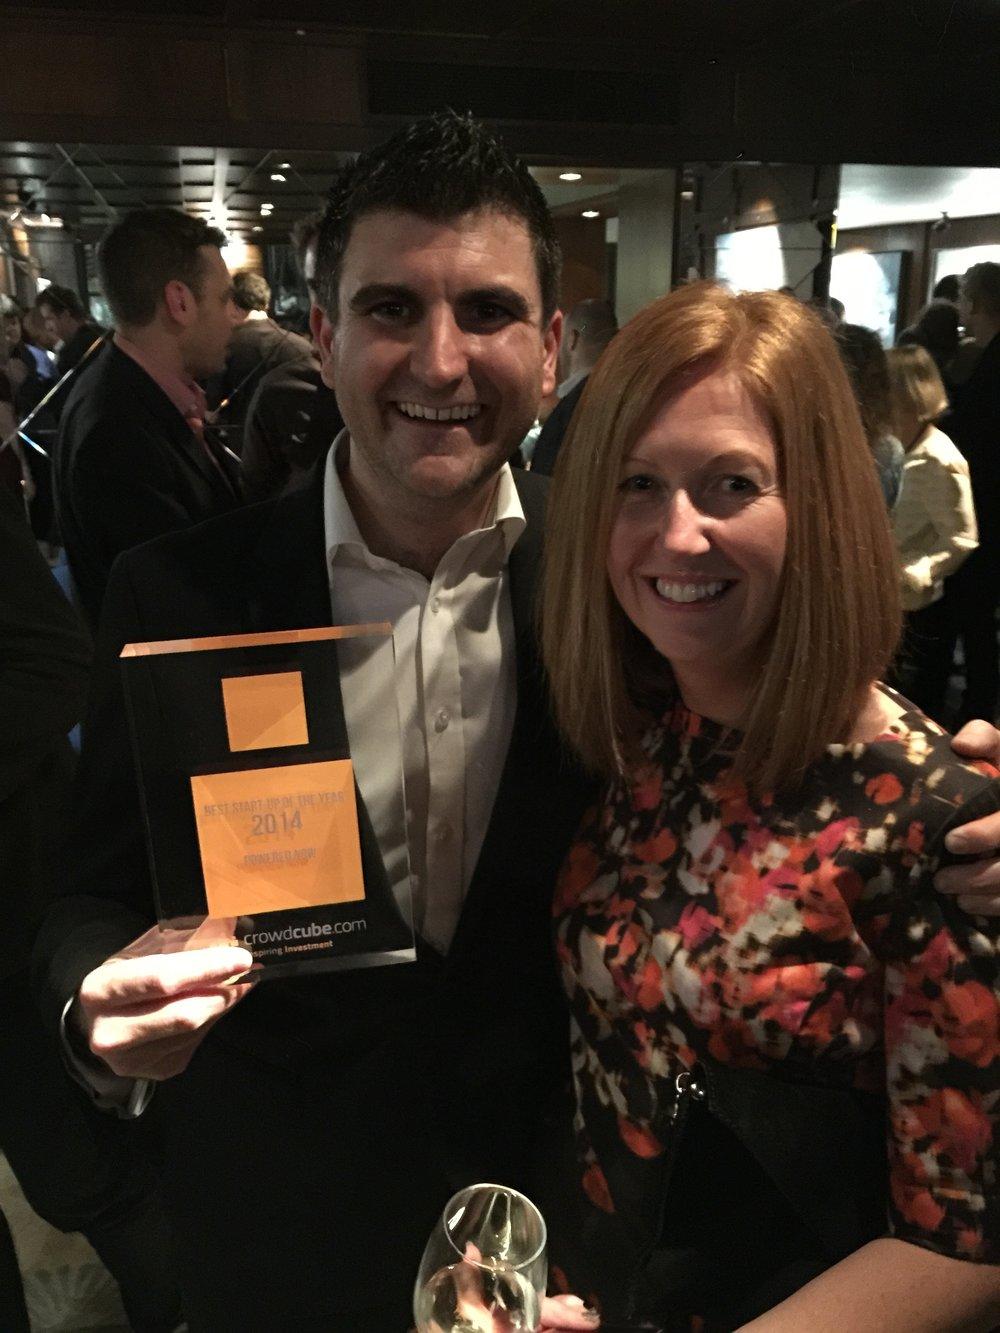 Winning Crowdcube Best Startup Award